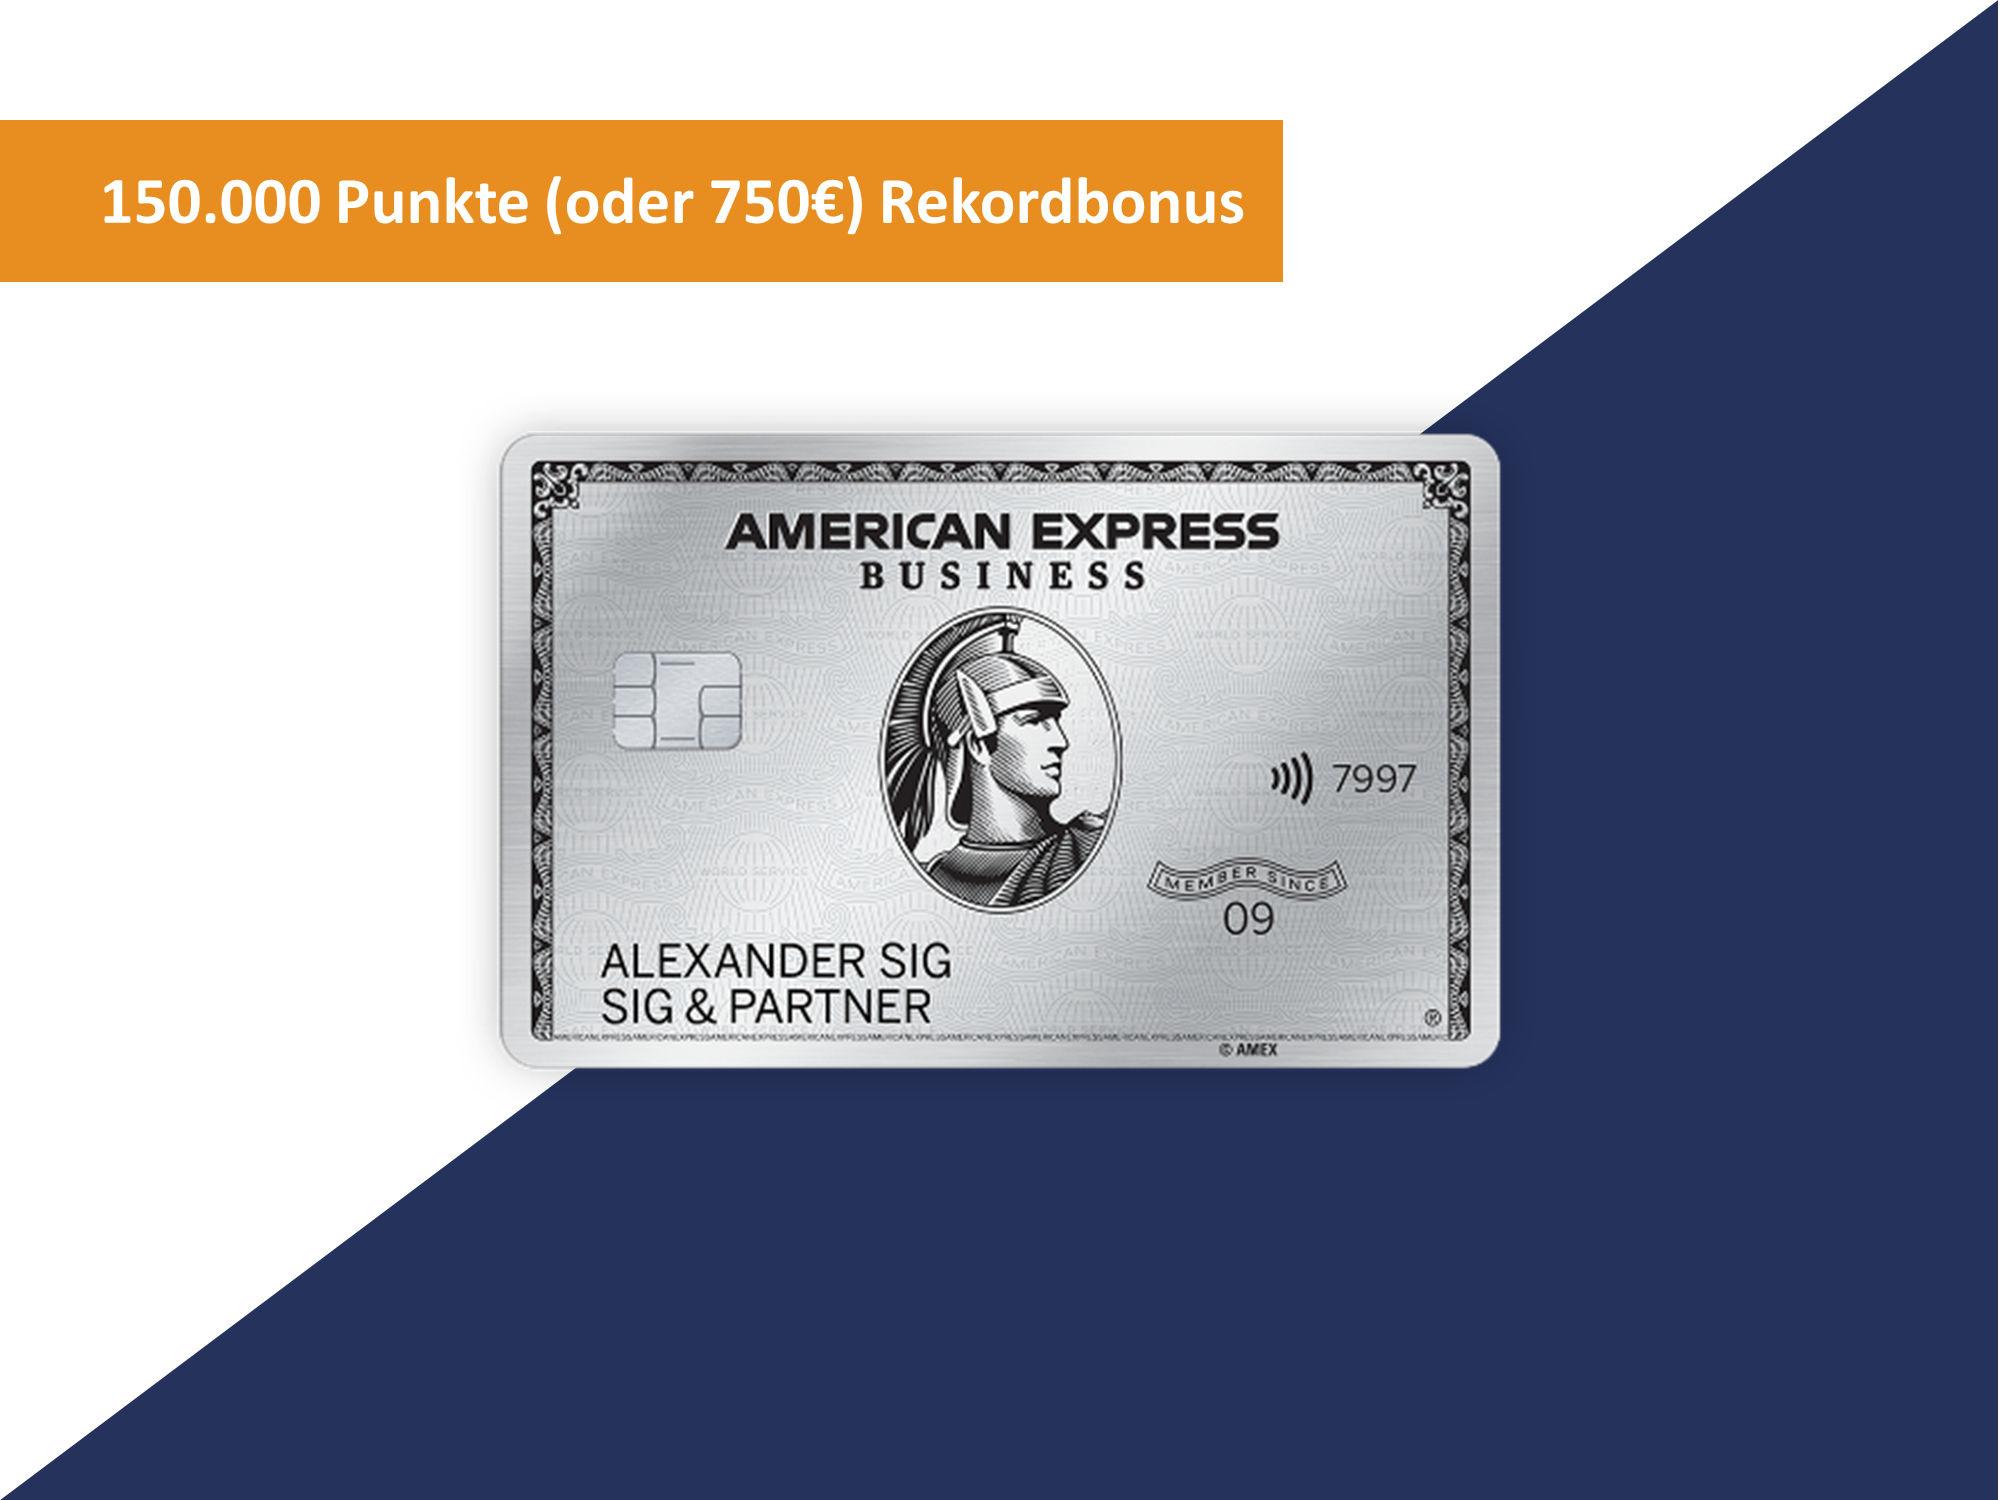 American Express Business Platinum Card: 9.9 Pkt